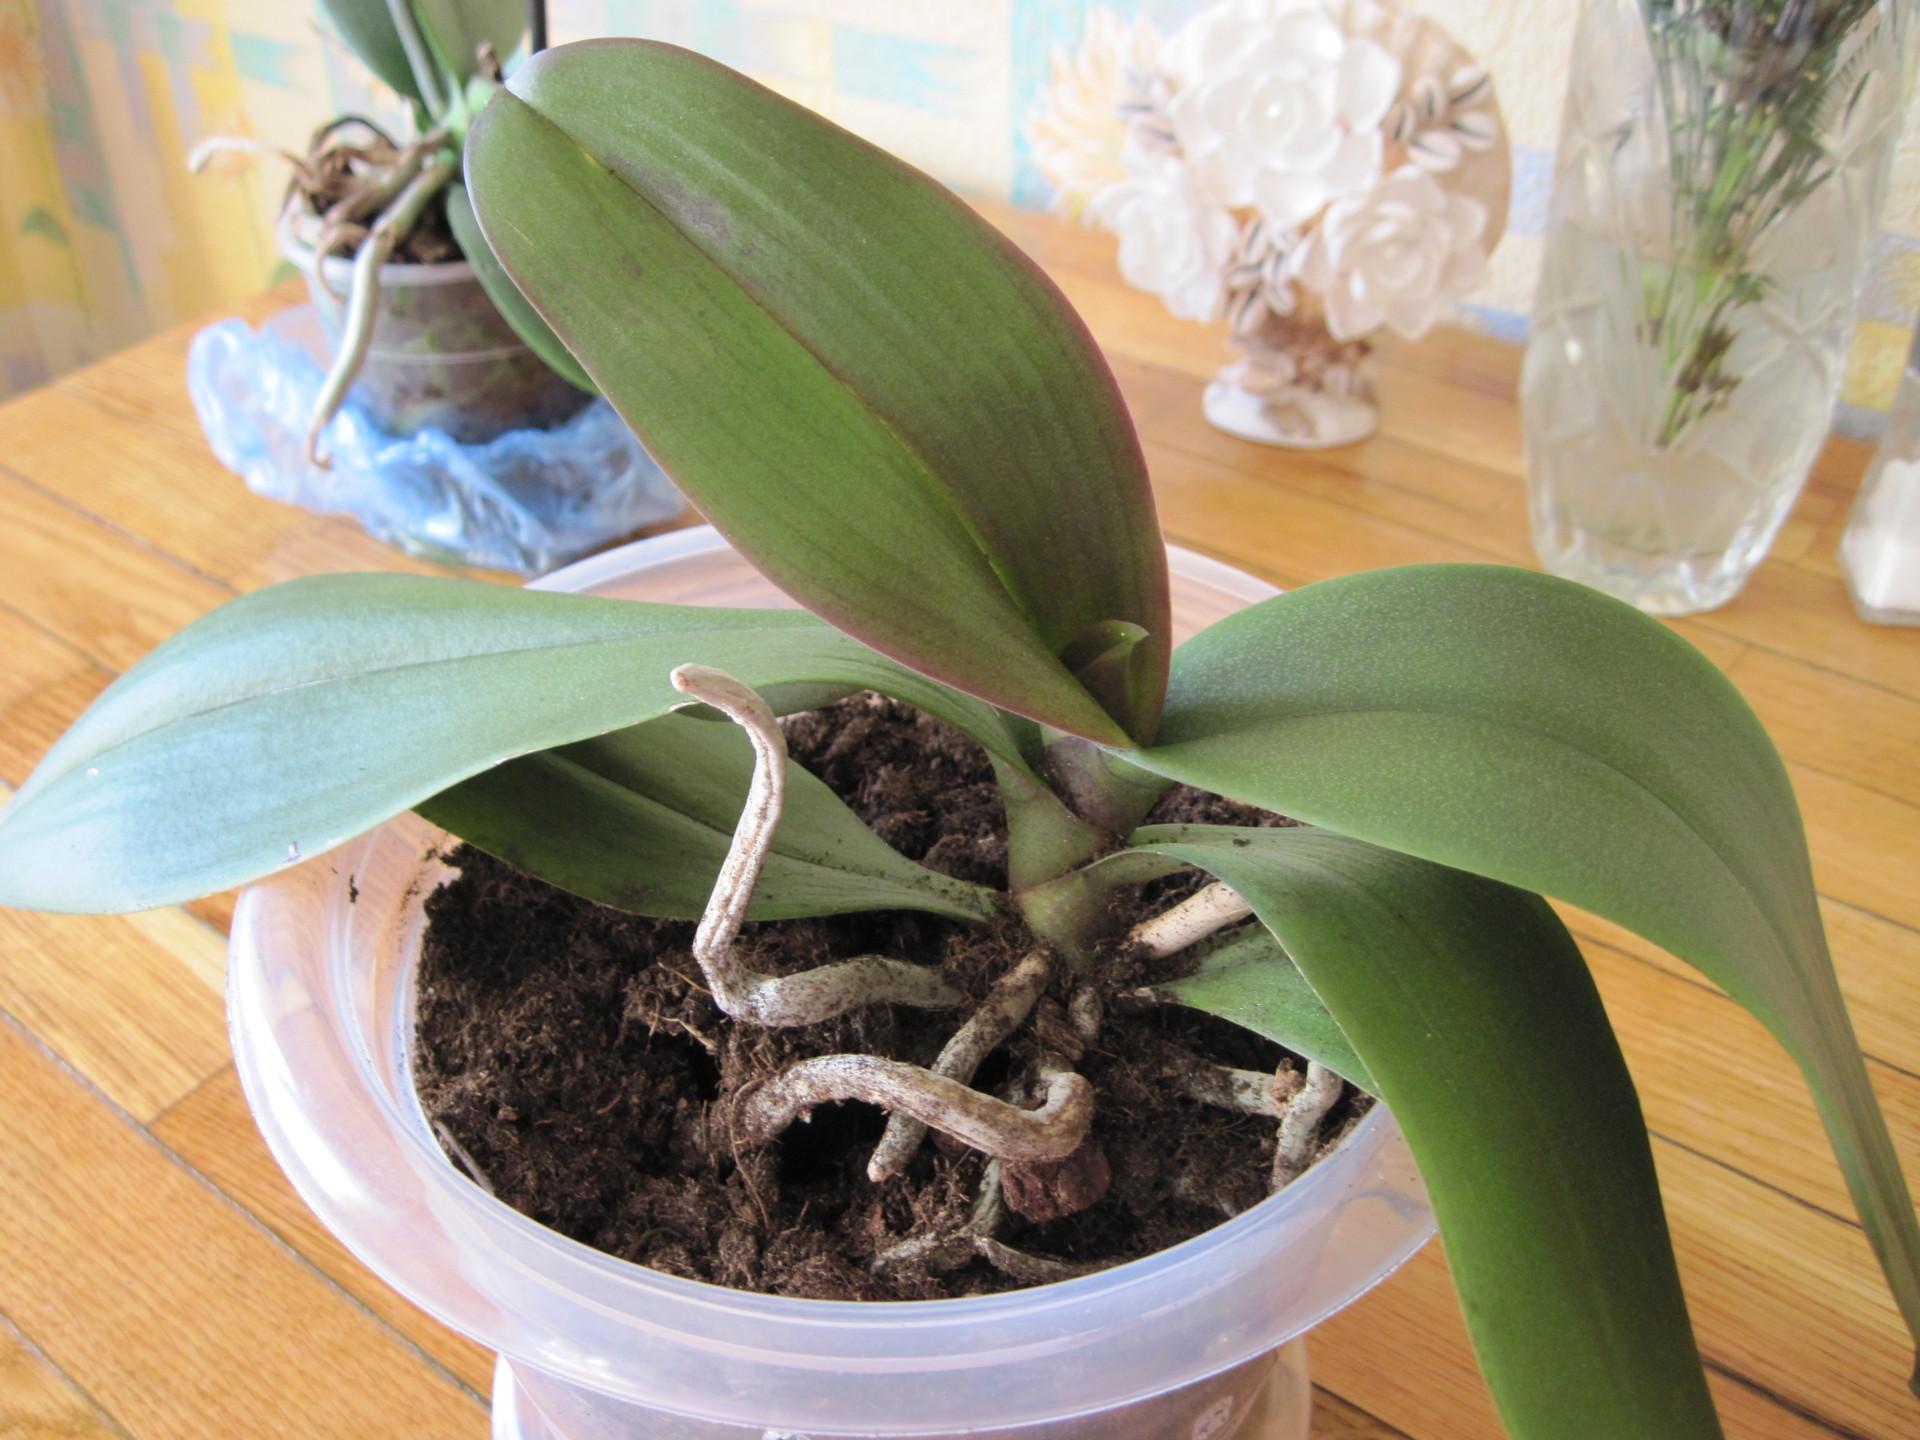 Фото орхидеи без цветка